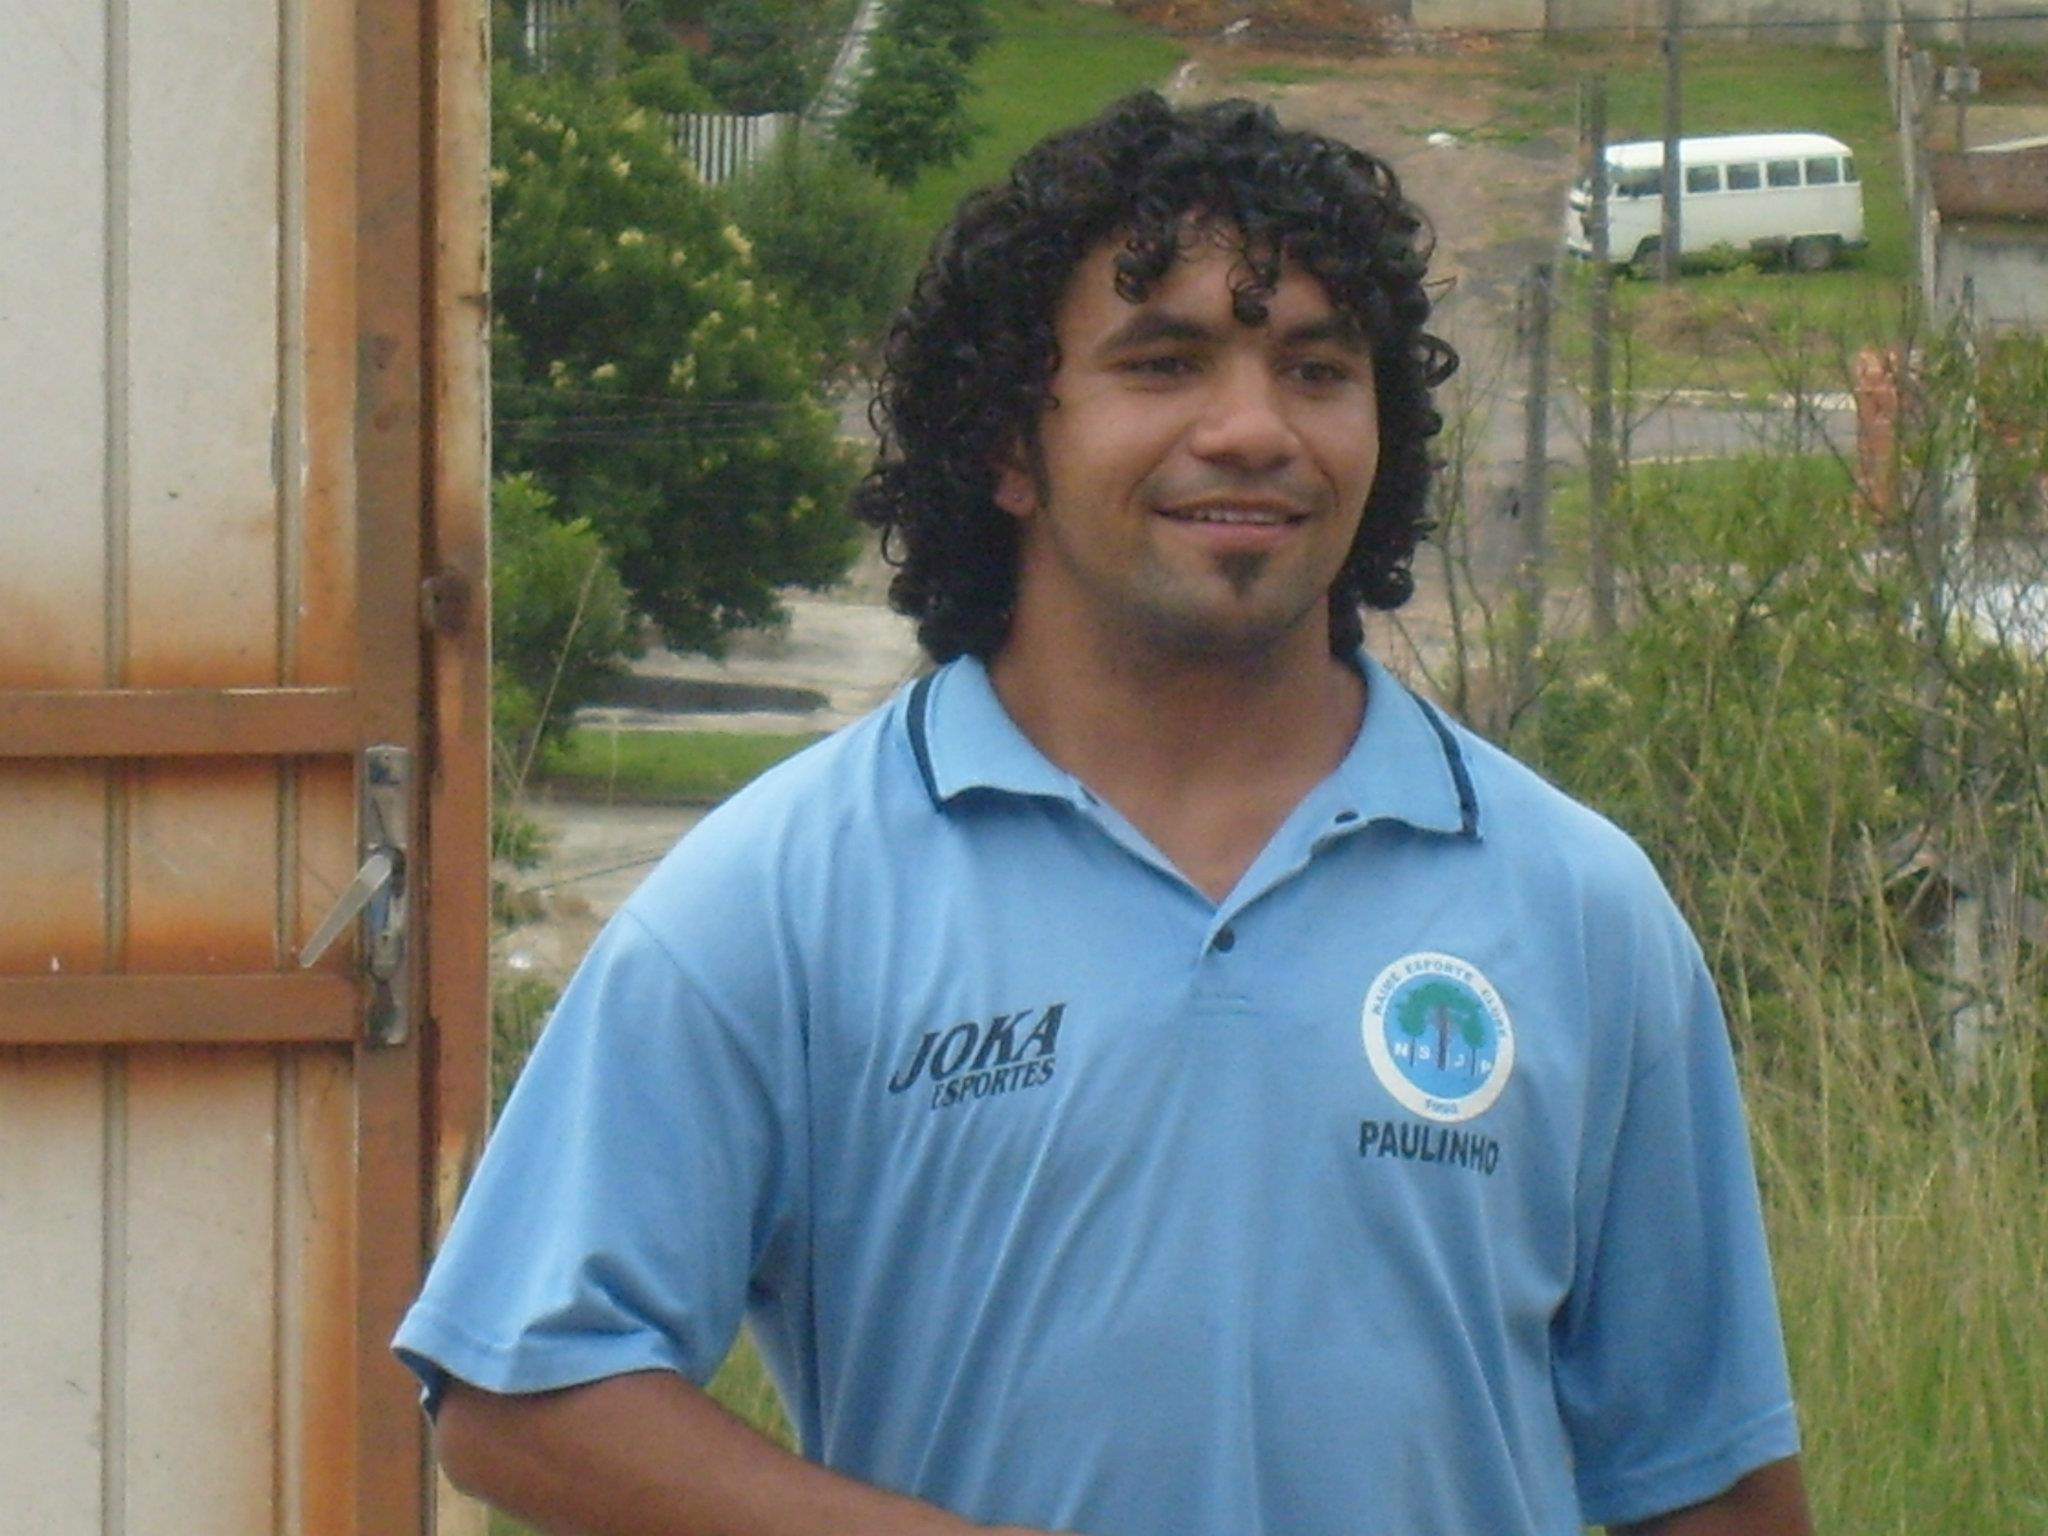 Paulinho Maradona, de São José dos Pinhais, é um dos 5 eleitos no país com nome do ídolo argentino